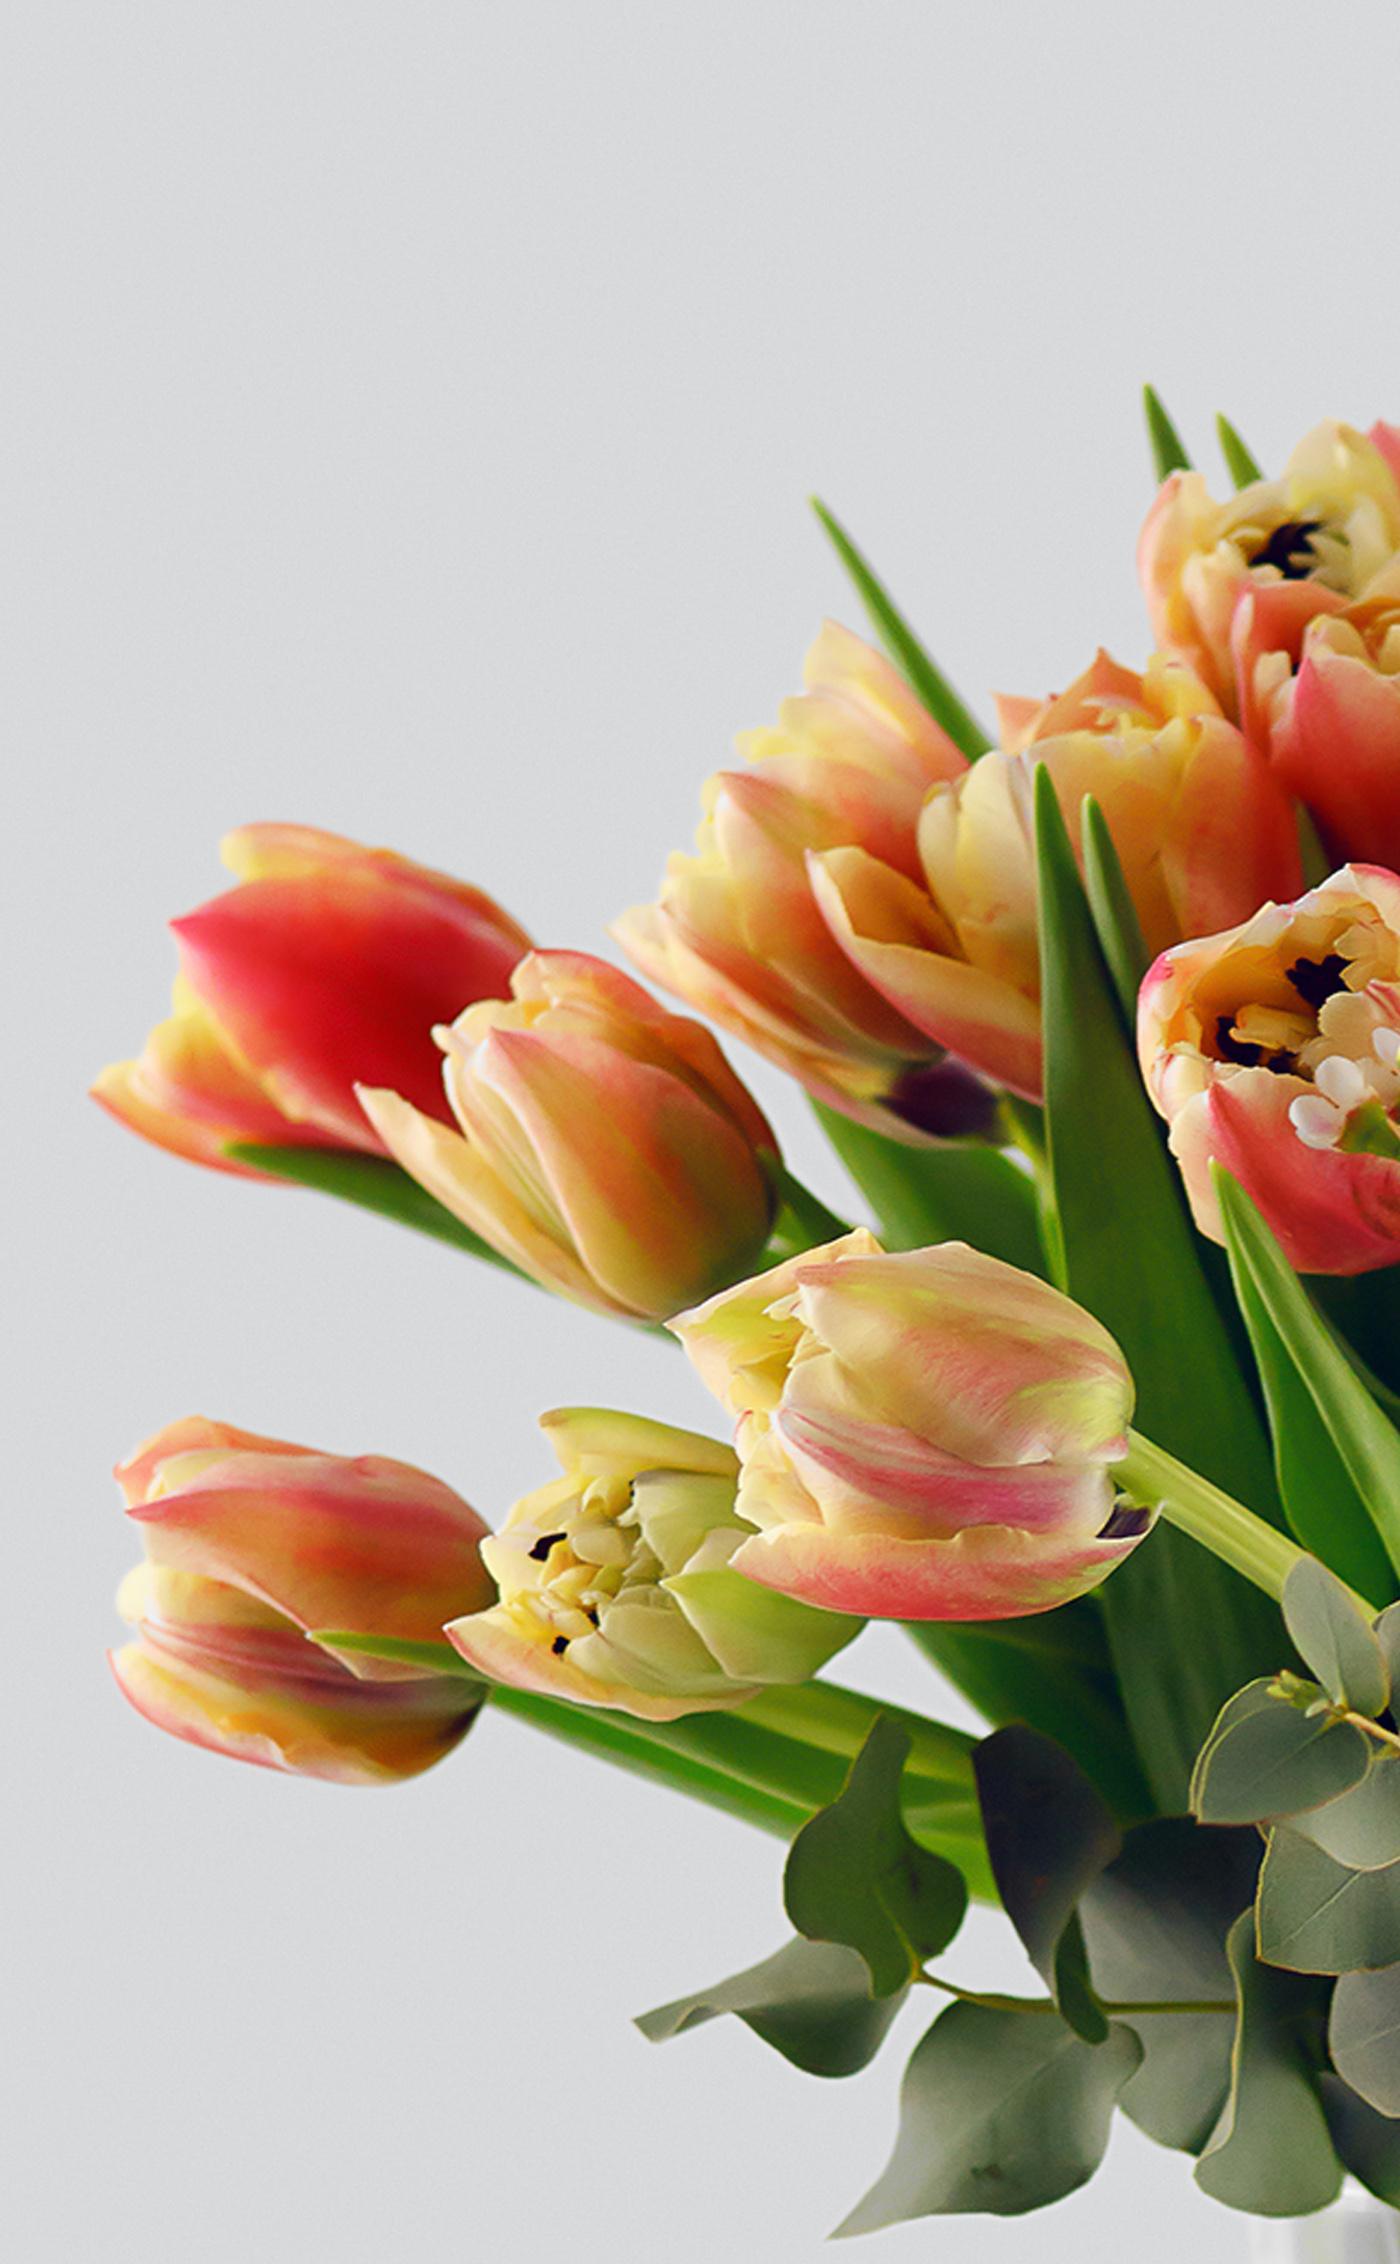 Gėlių puokštė </br>Gimtadienio proga